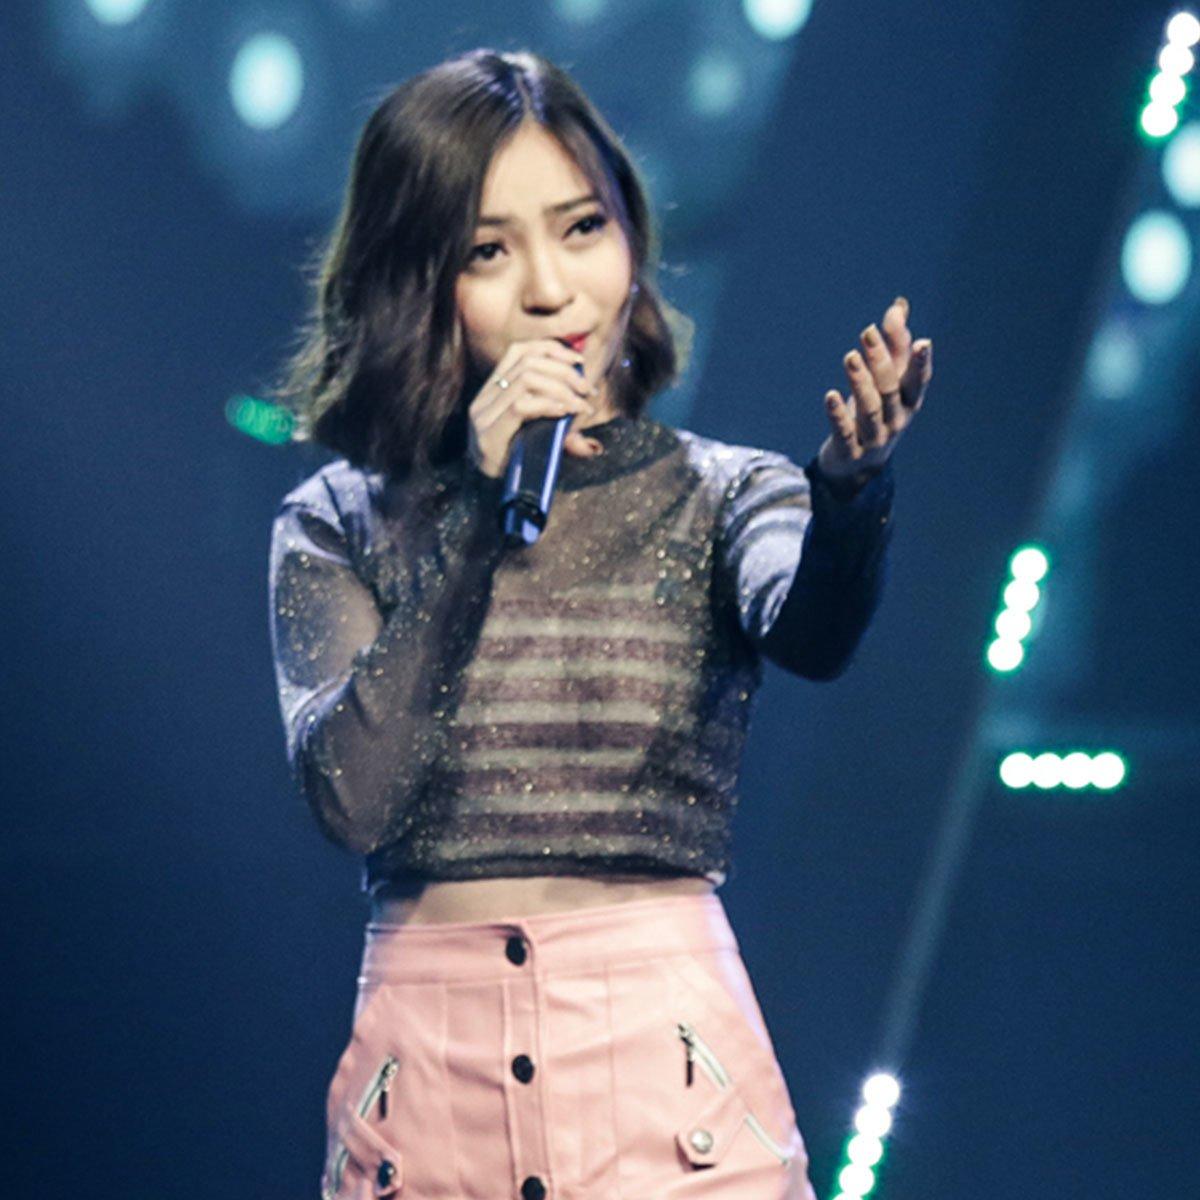 Bạn gái Quang Hải diện áo tắm, khoe thân hình nóng bỏng-12